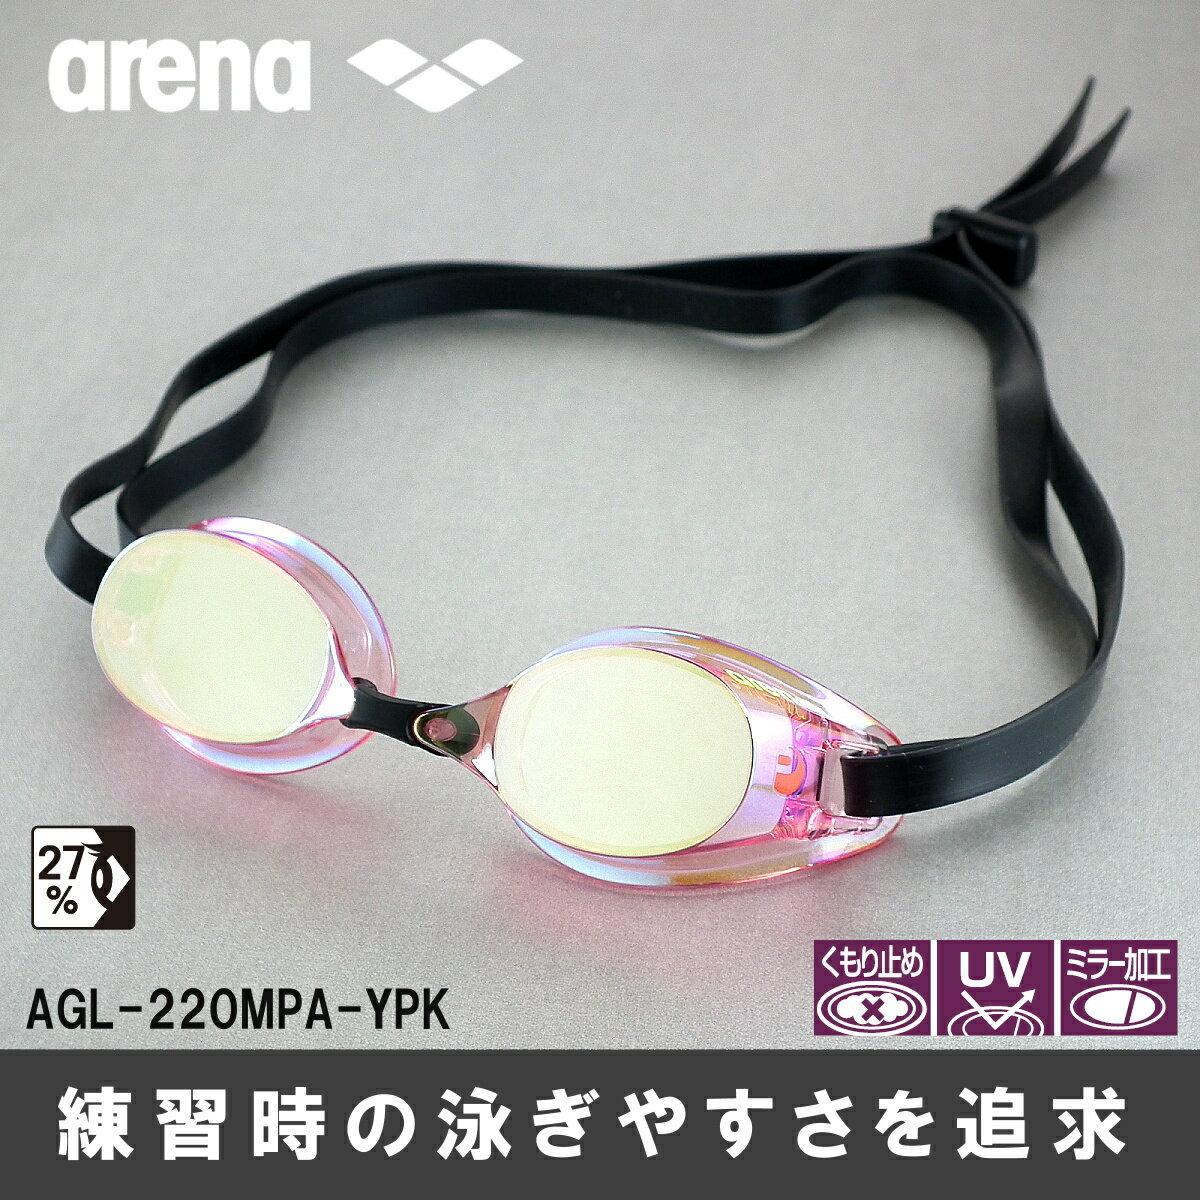 【スイムゴーグル】ARENA アリーナ ノンクッション スイミング トレーニング用ゴーグル ミラータイプ TOUGH STREAM(タフストリーム) 水泳 AGL-220MPA-YPK